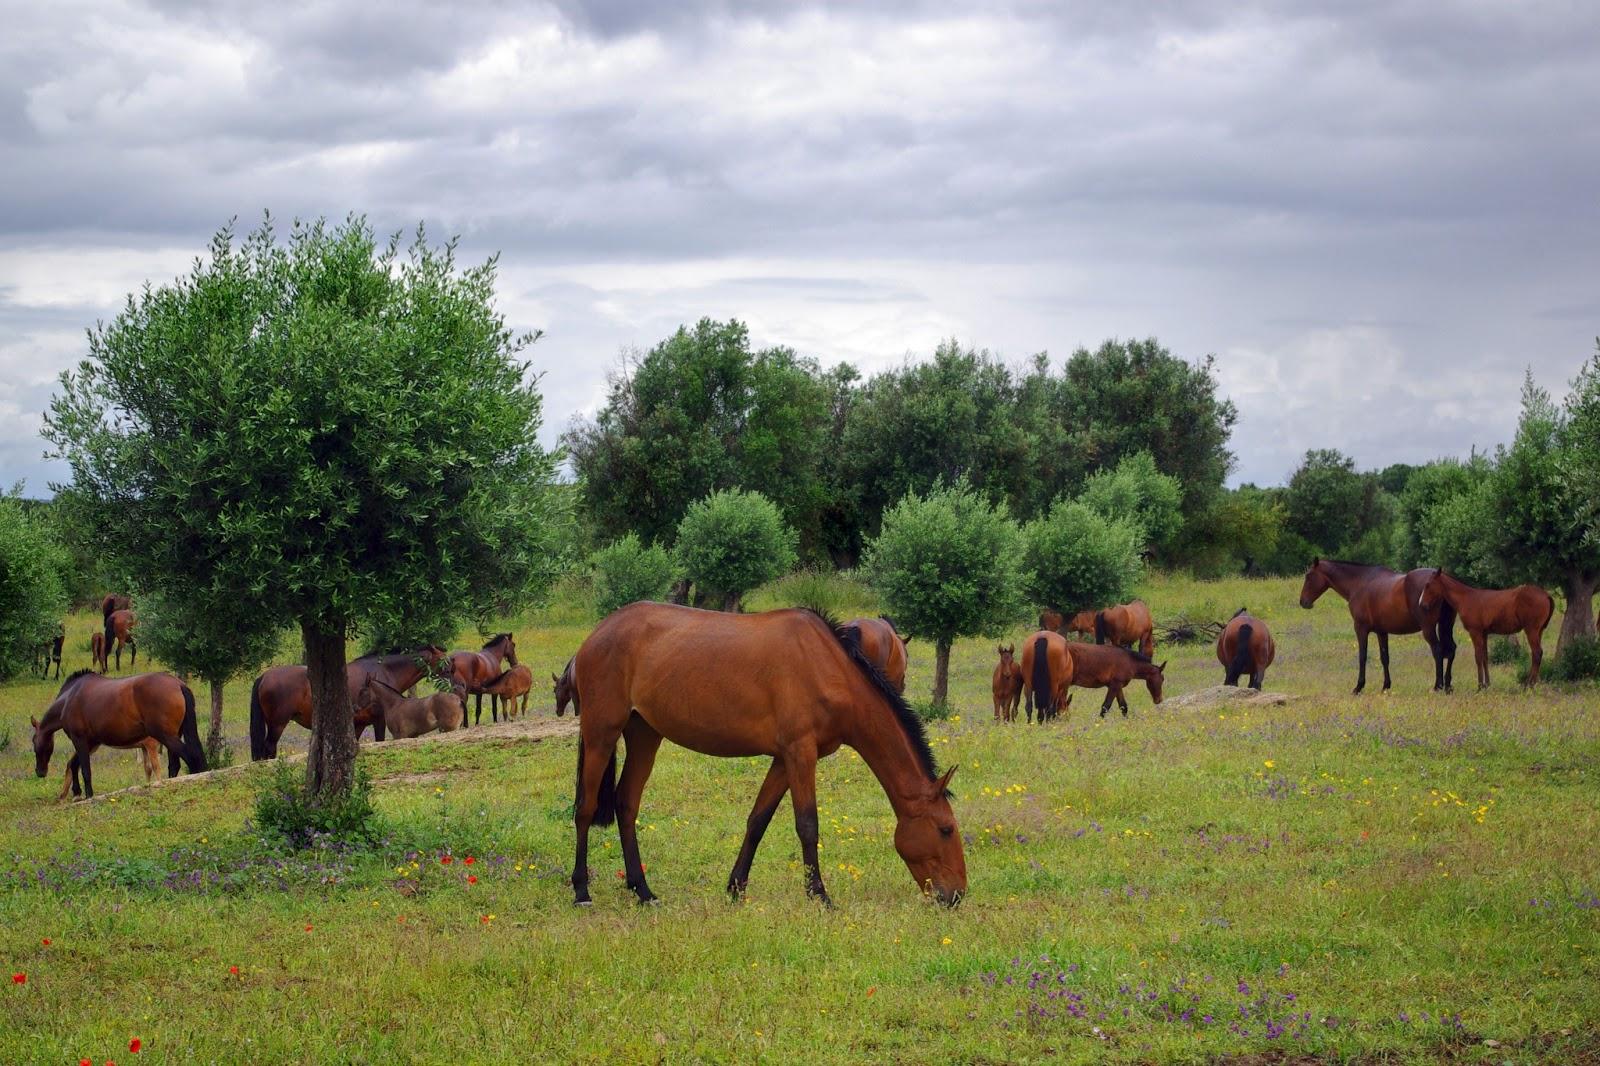 Click aquí para ver más fotos de caballos